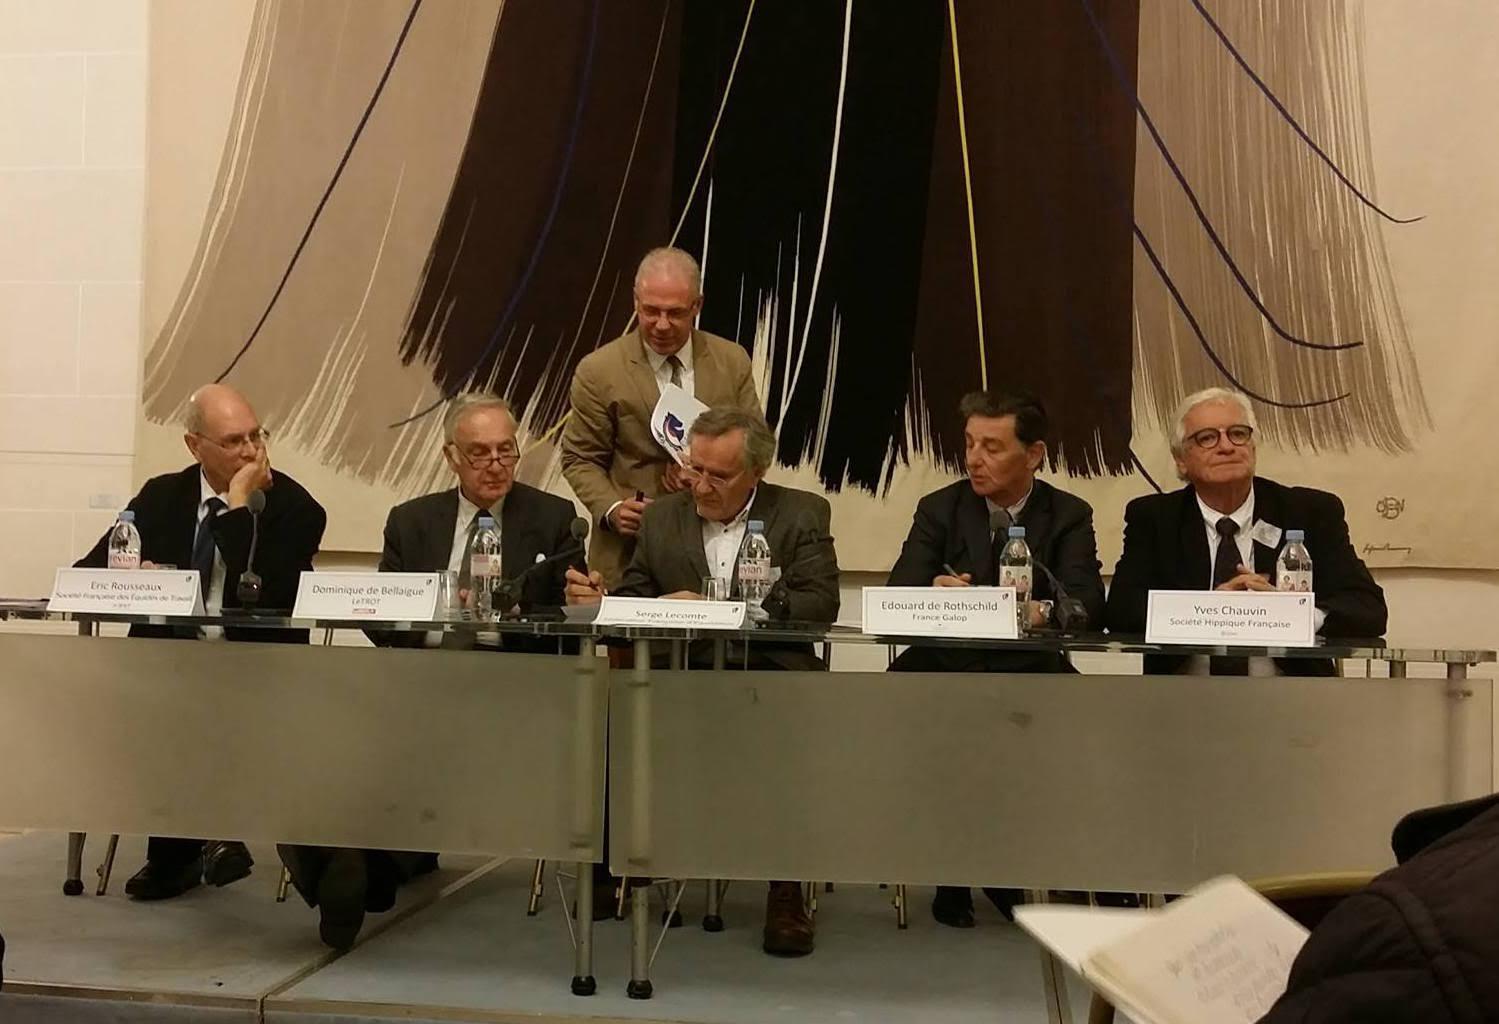 Appel des Présidents de la filière équine française en faveur d'une politique européenne globale et ambitieuse